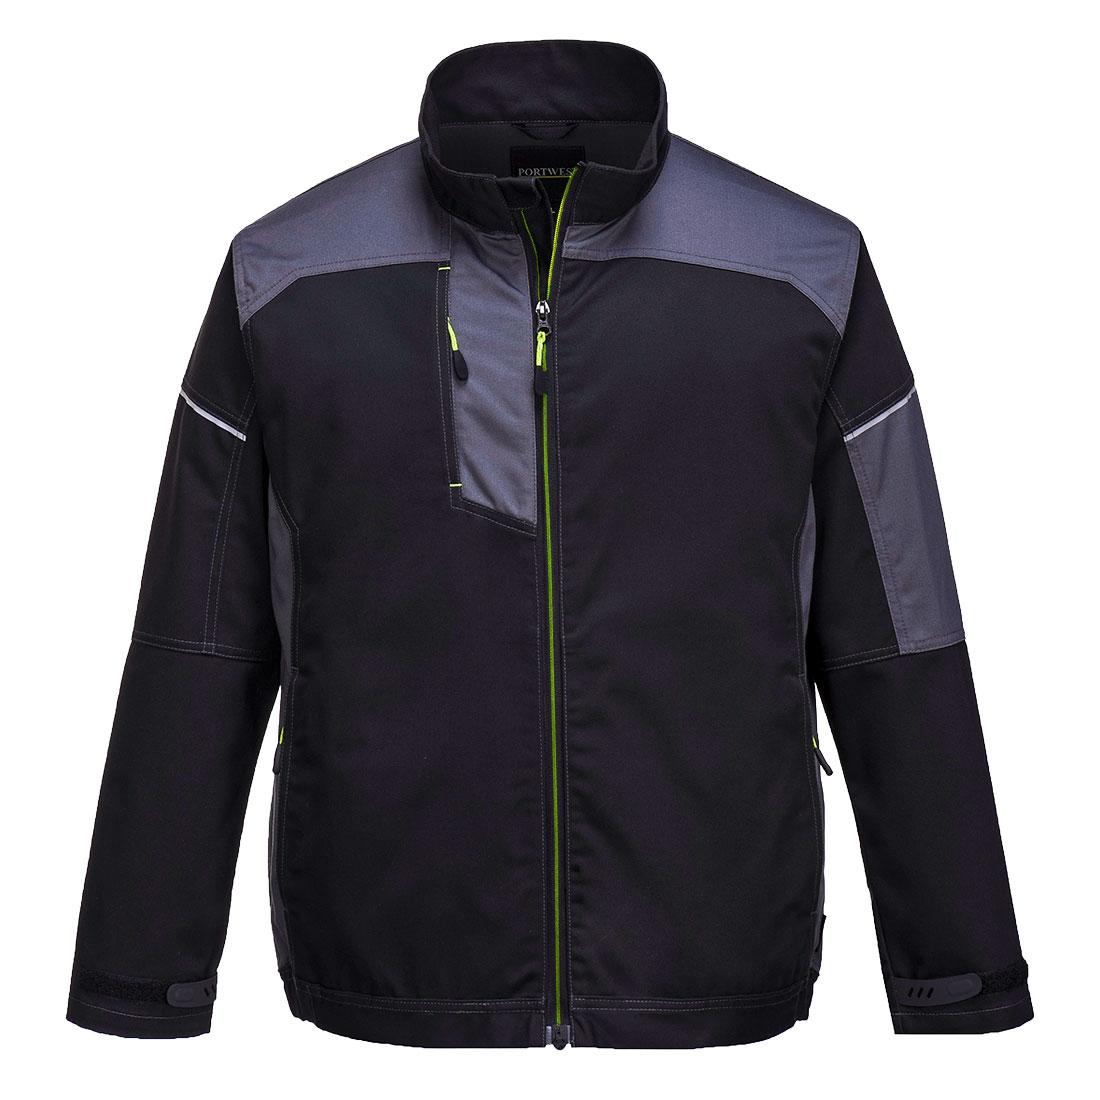 PW3 Work Jacket Black/Zoom Grey XLR